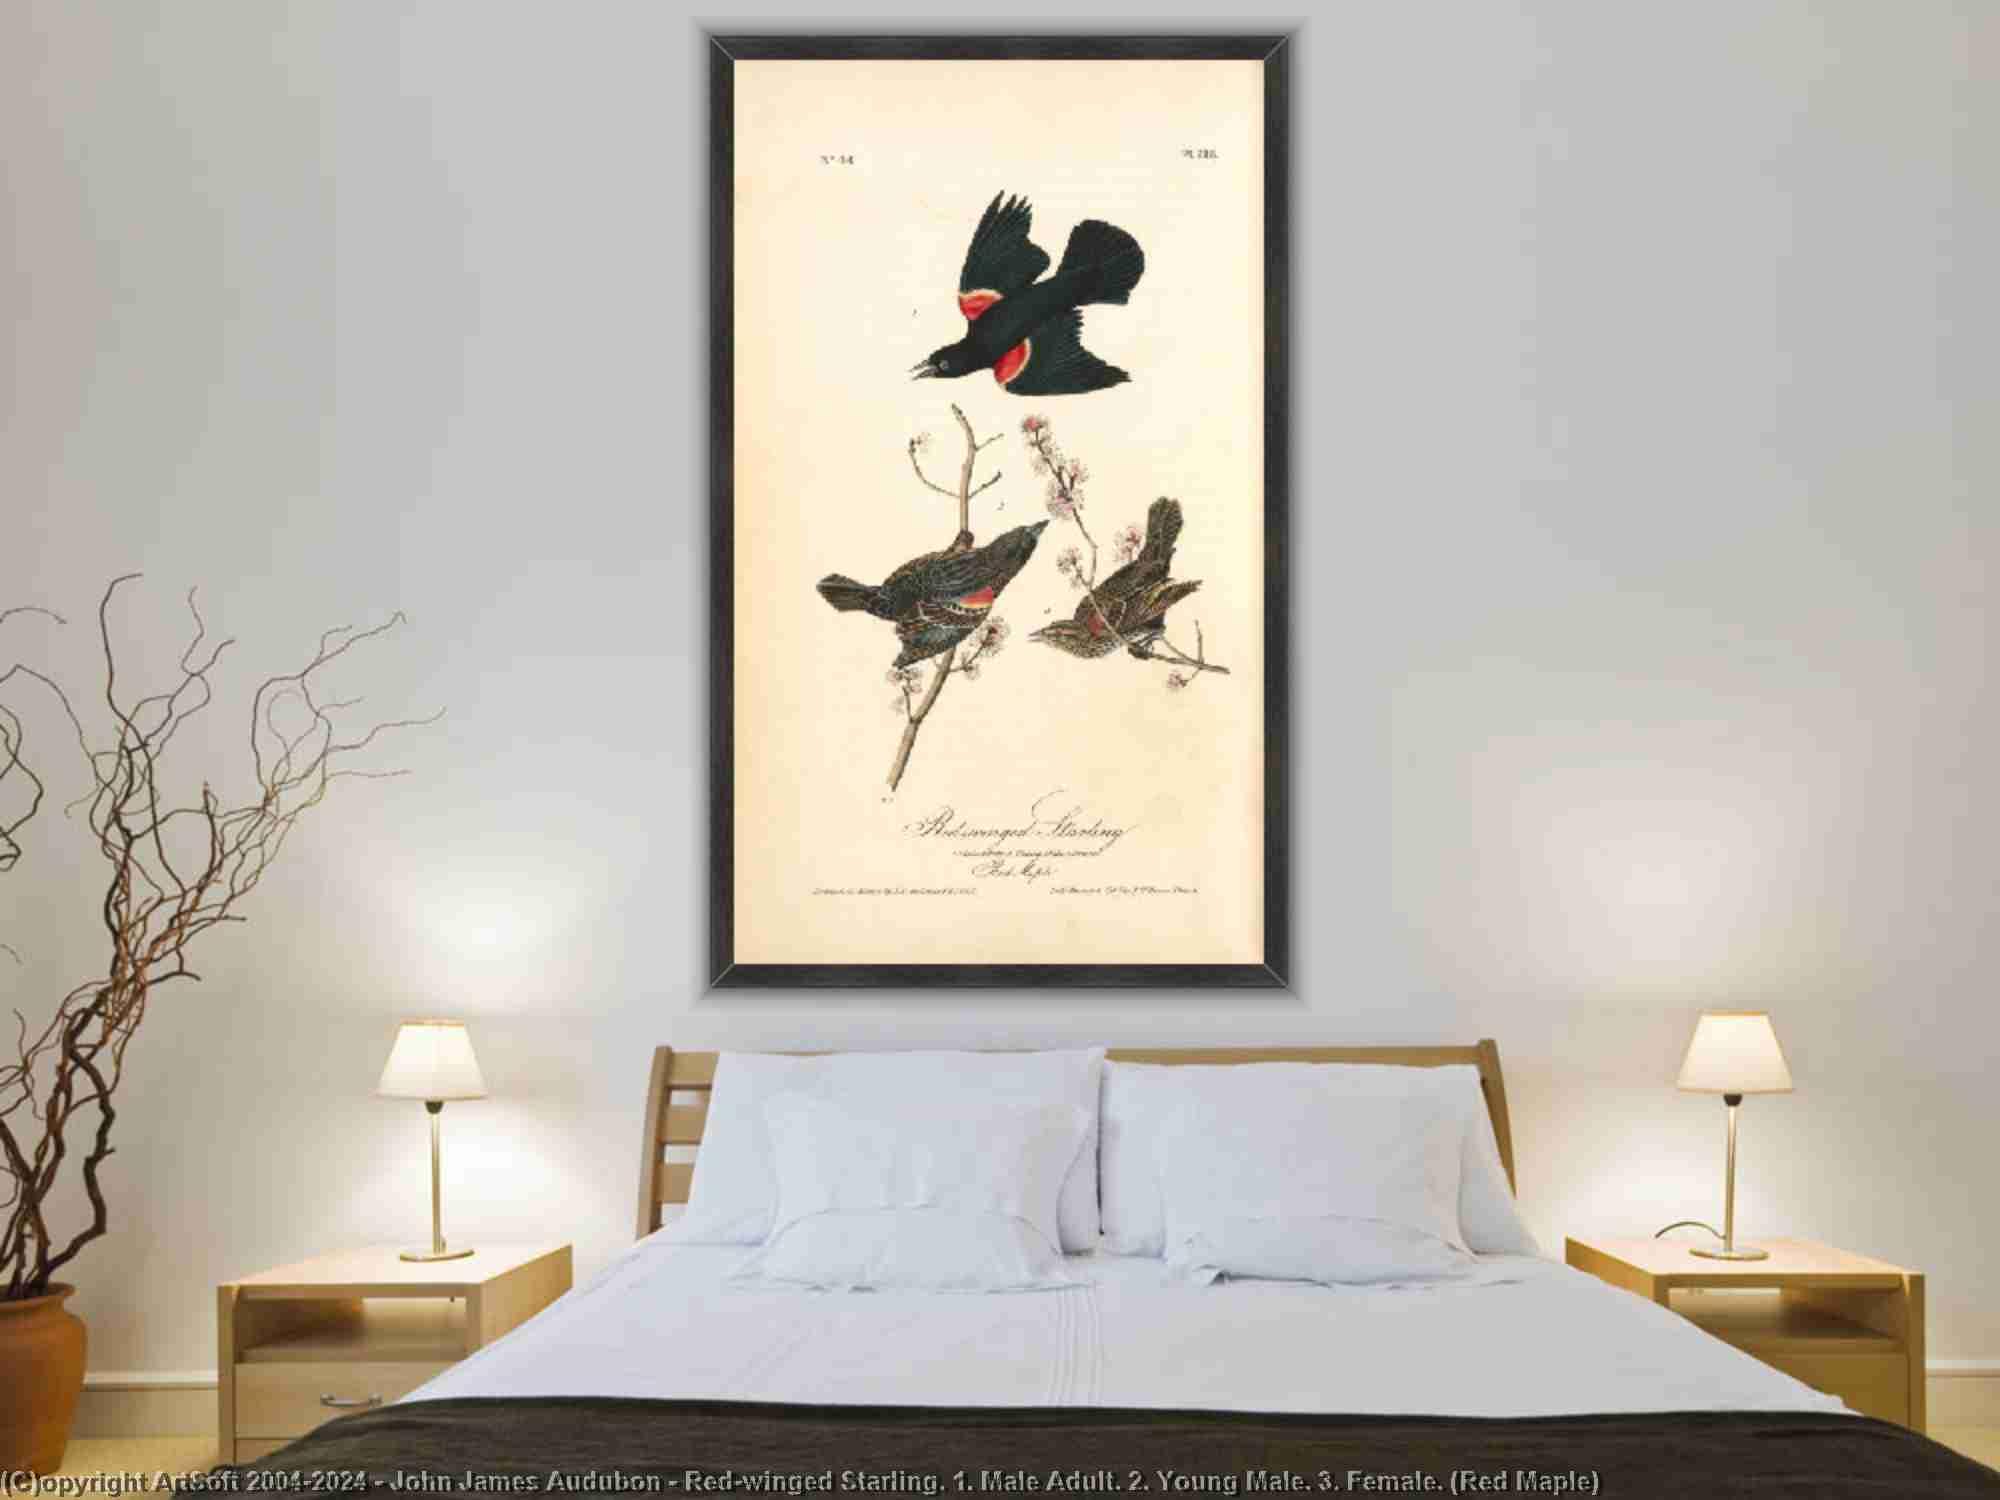 John James Audubon - Red-winged Скворец . 1 . мужской взрослых . 2 . молодые мужчины . 3 . Женщина . ( красный клен )